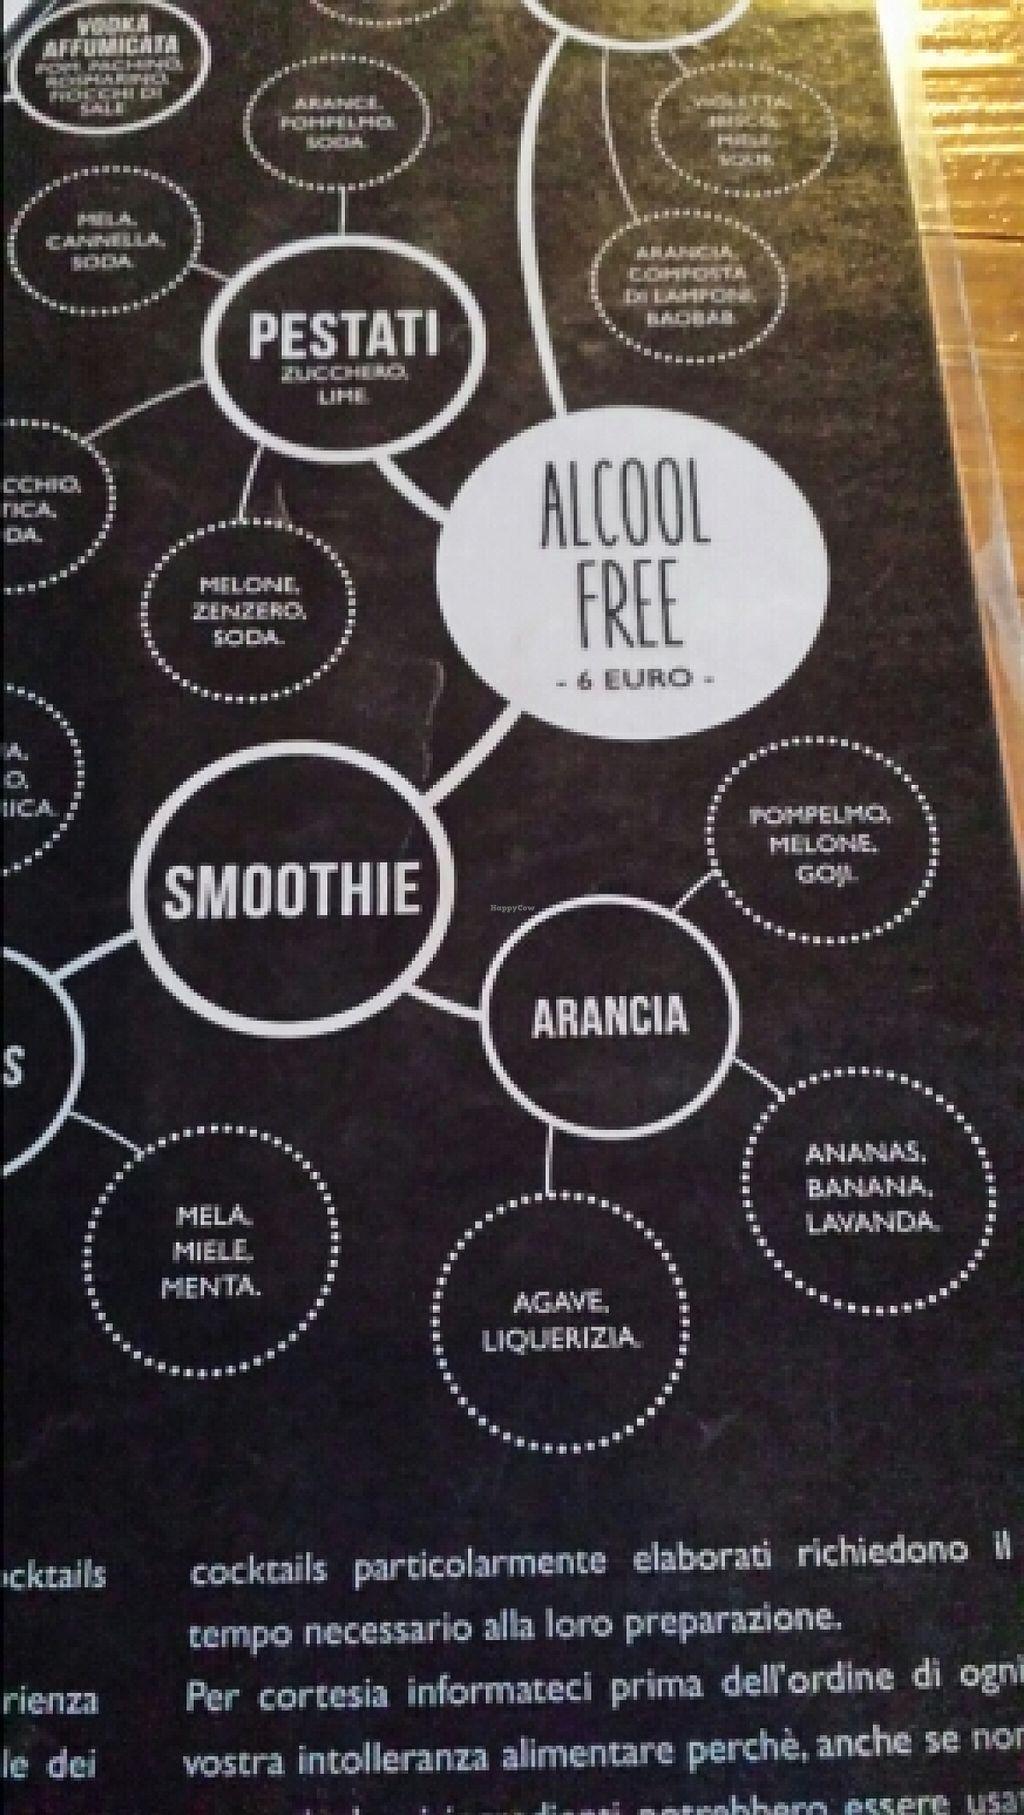 """Photo of Soda  by <a href=""""/members/profile/AndreaPagani"""">AndreaPagani</a> <br/>Anche sul bere la scelta è ampia e di qualità :) <br/> April 18, 2016  - <a href='/contact/abuse/image/47394/145098'>Report</a>"""